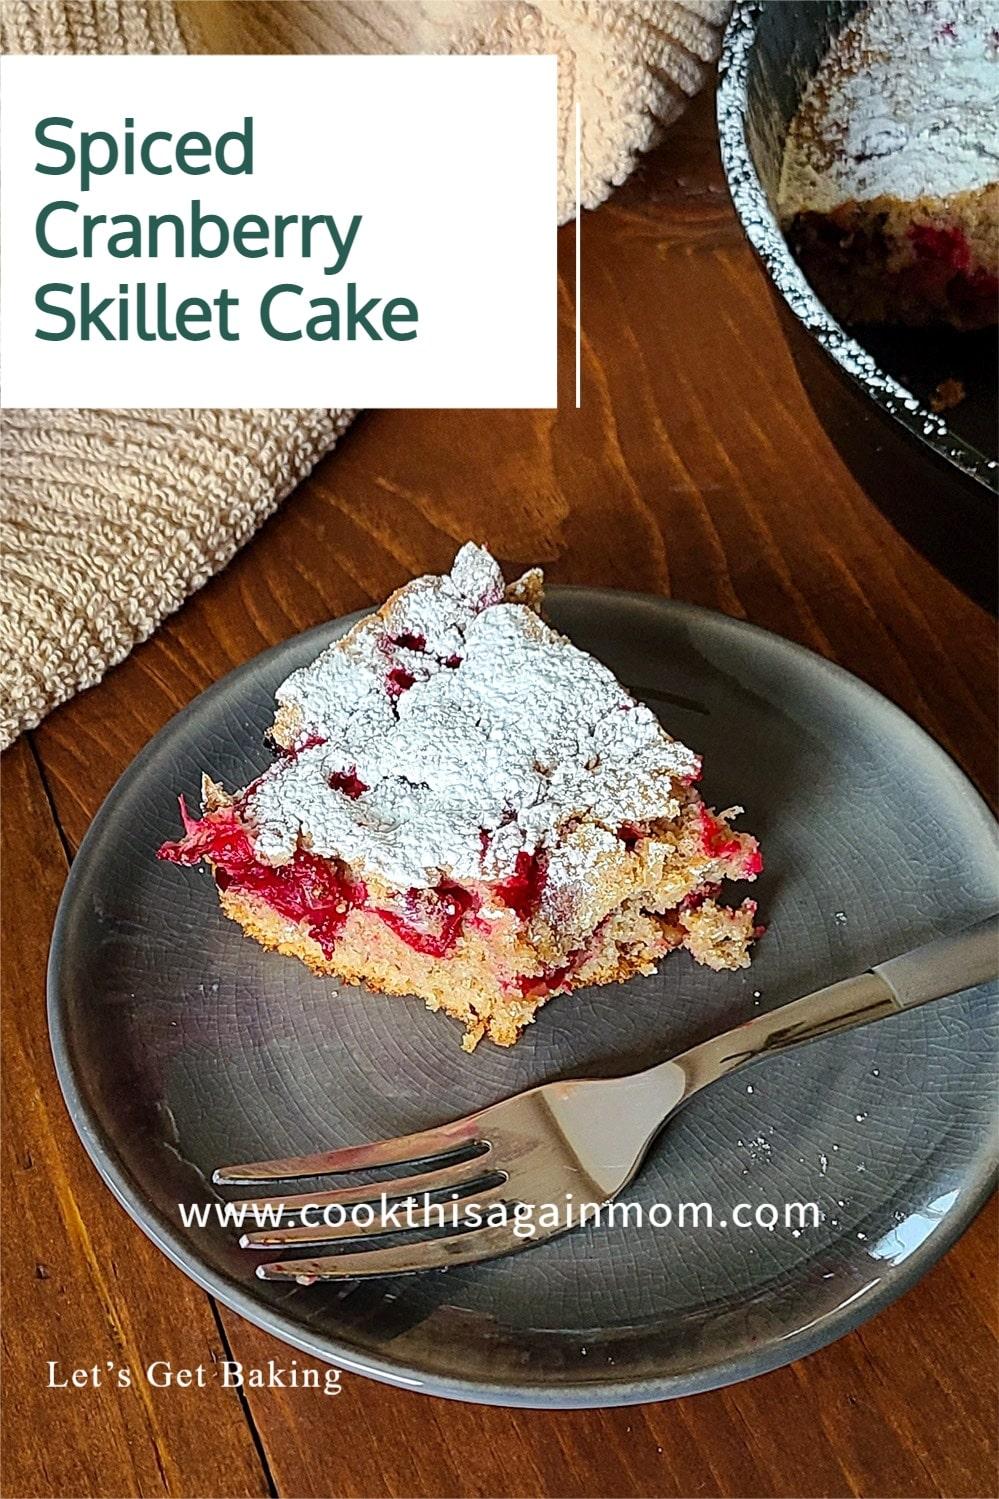 Spiced Cranberry Skillet Cake pinterest image